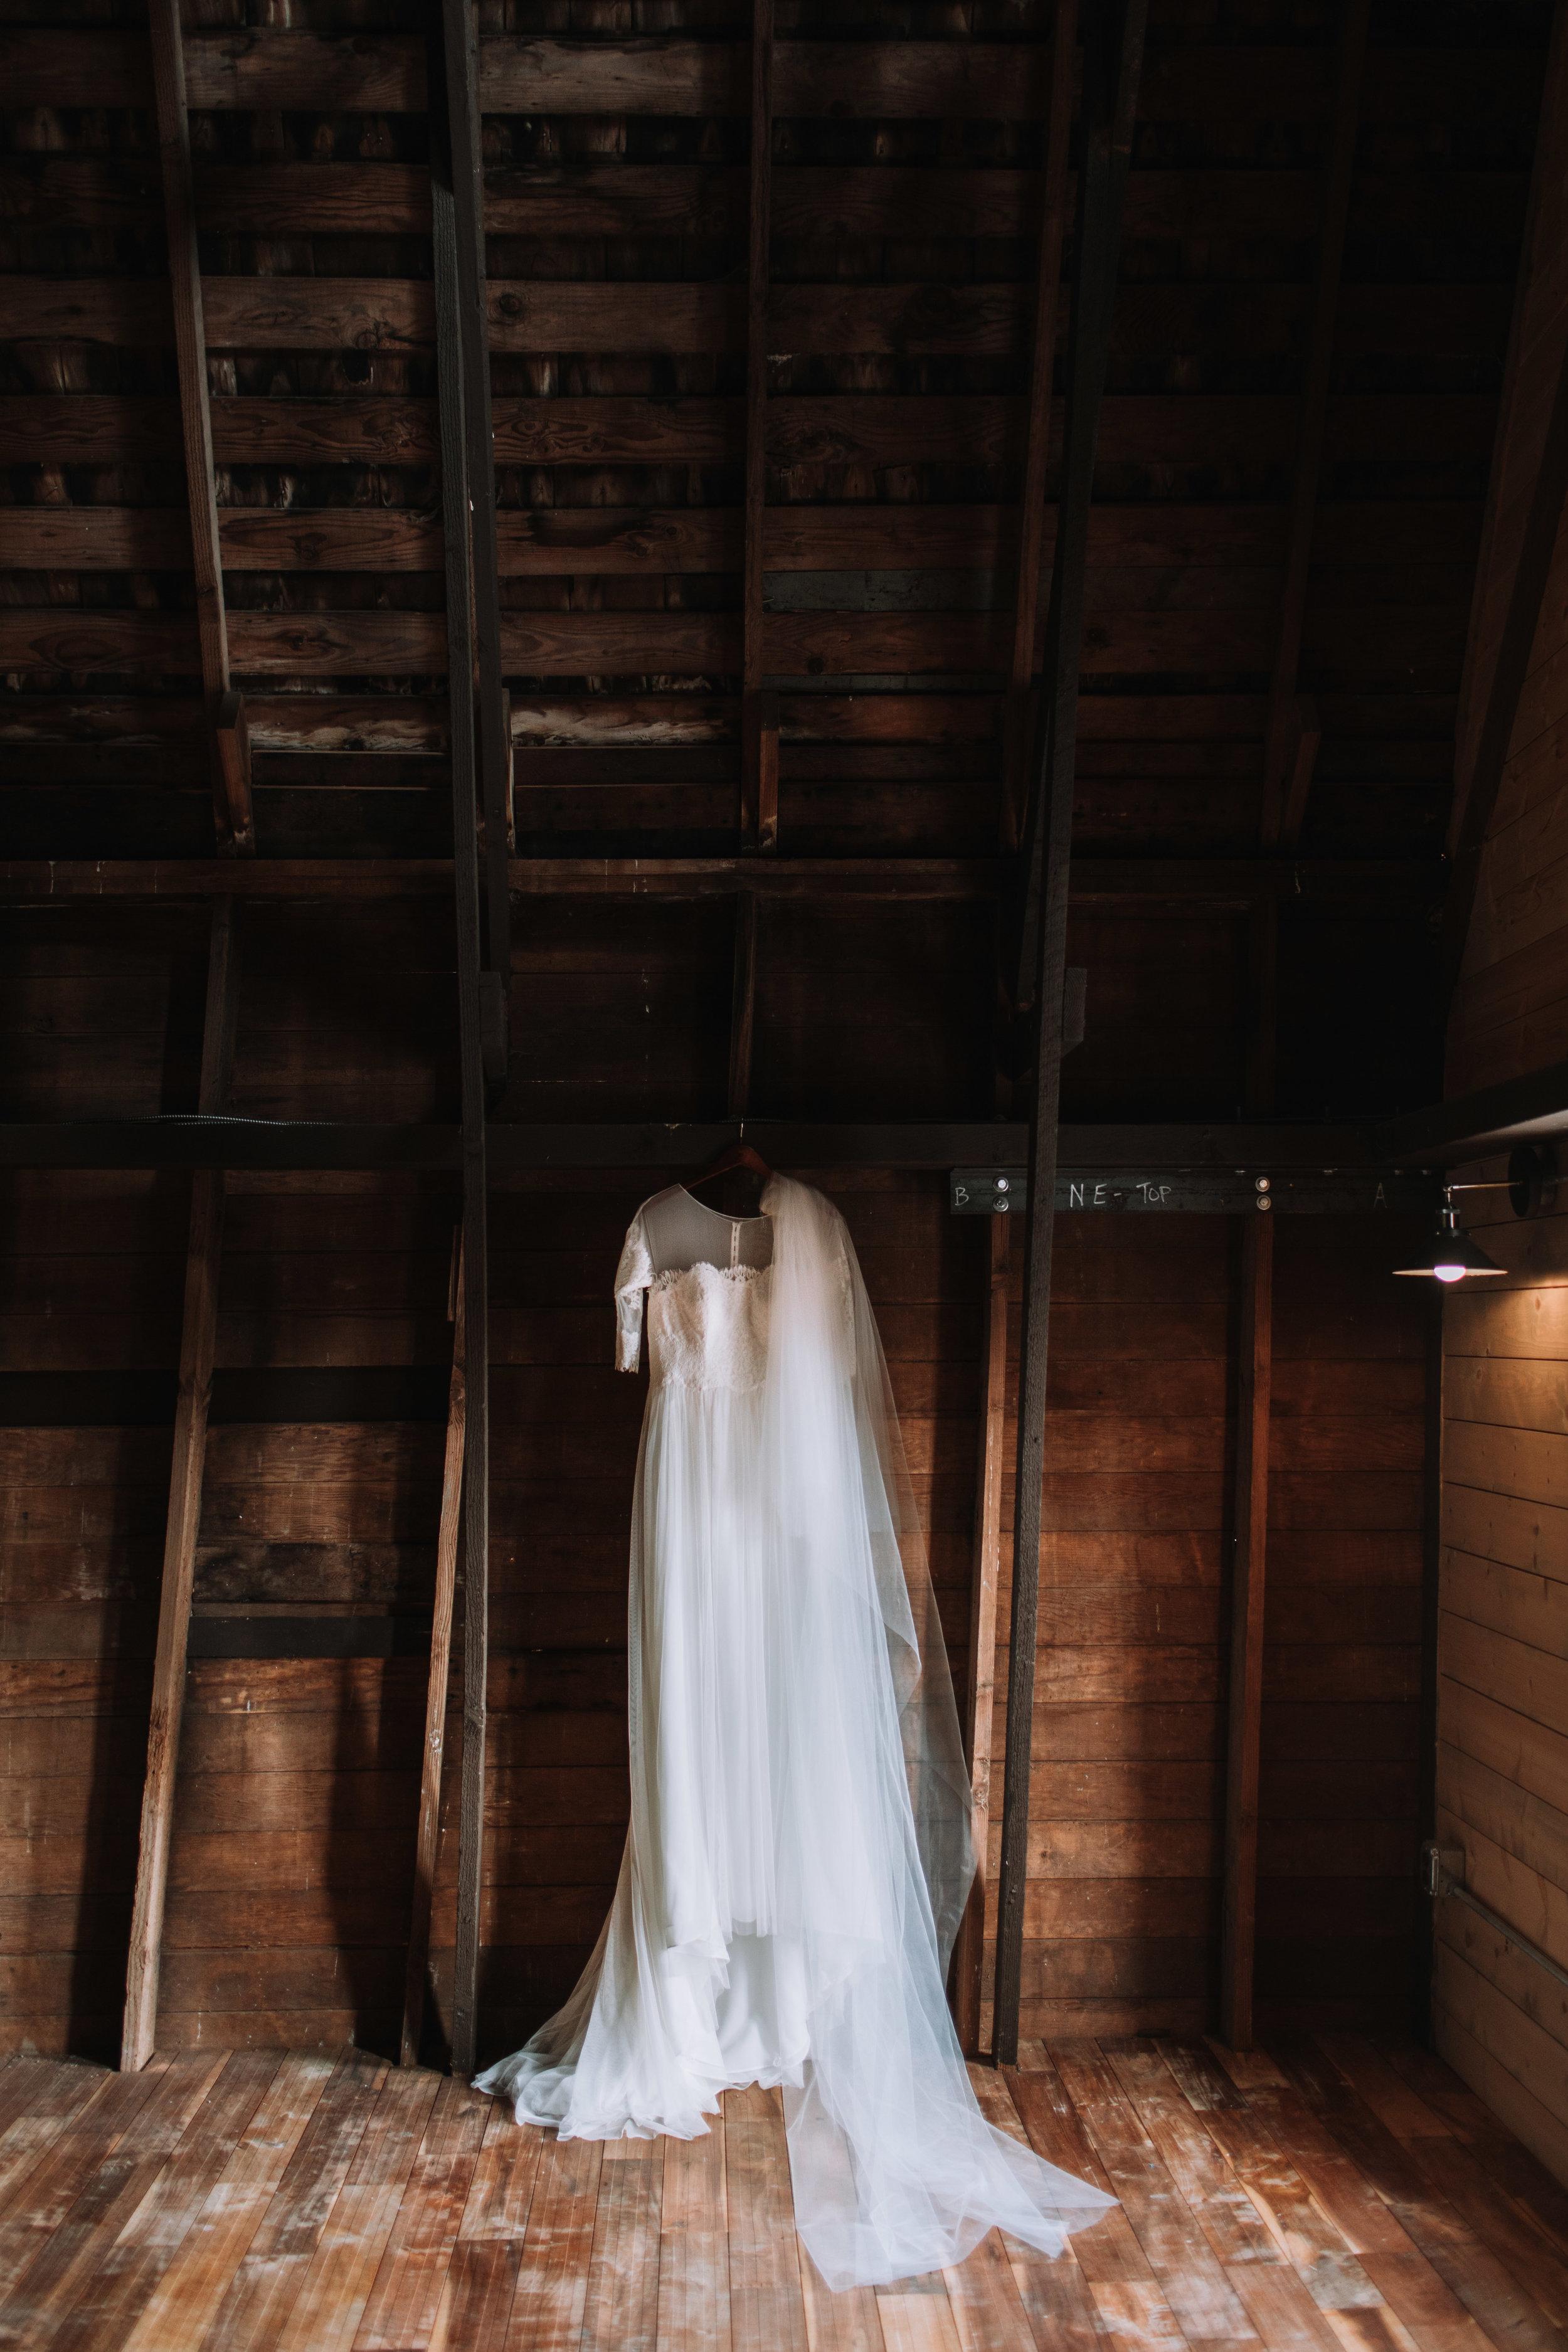 adam sophie red barn wedding arlington washington foggy day pnw wedding gown photo cedar wall